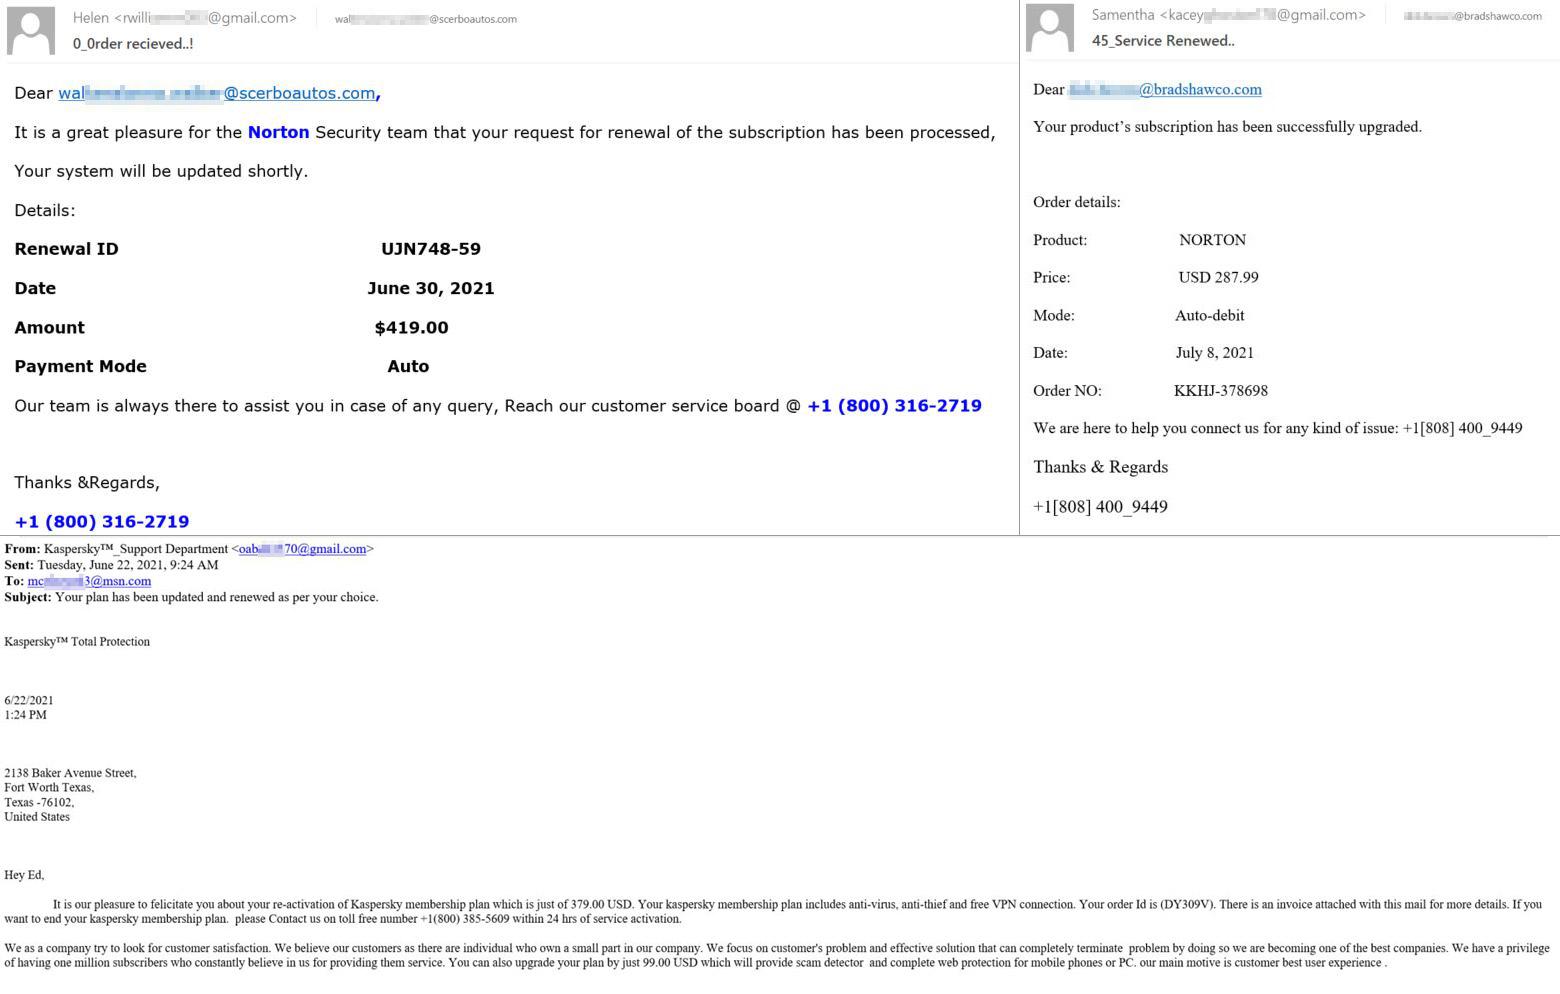 Nortonの購入に関する通知、そして「Kaspersky Total Protection」の購入に関する通知を装った偽メール。ライセンス情報と、問い合わせ用電話番号が記載されている